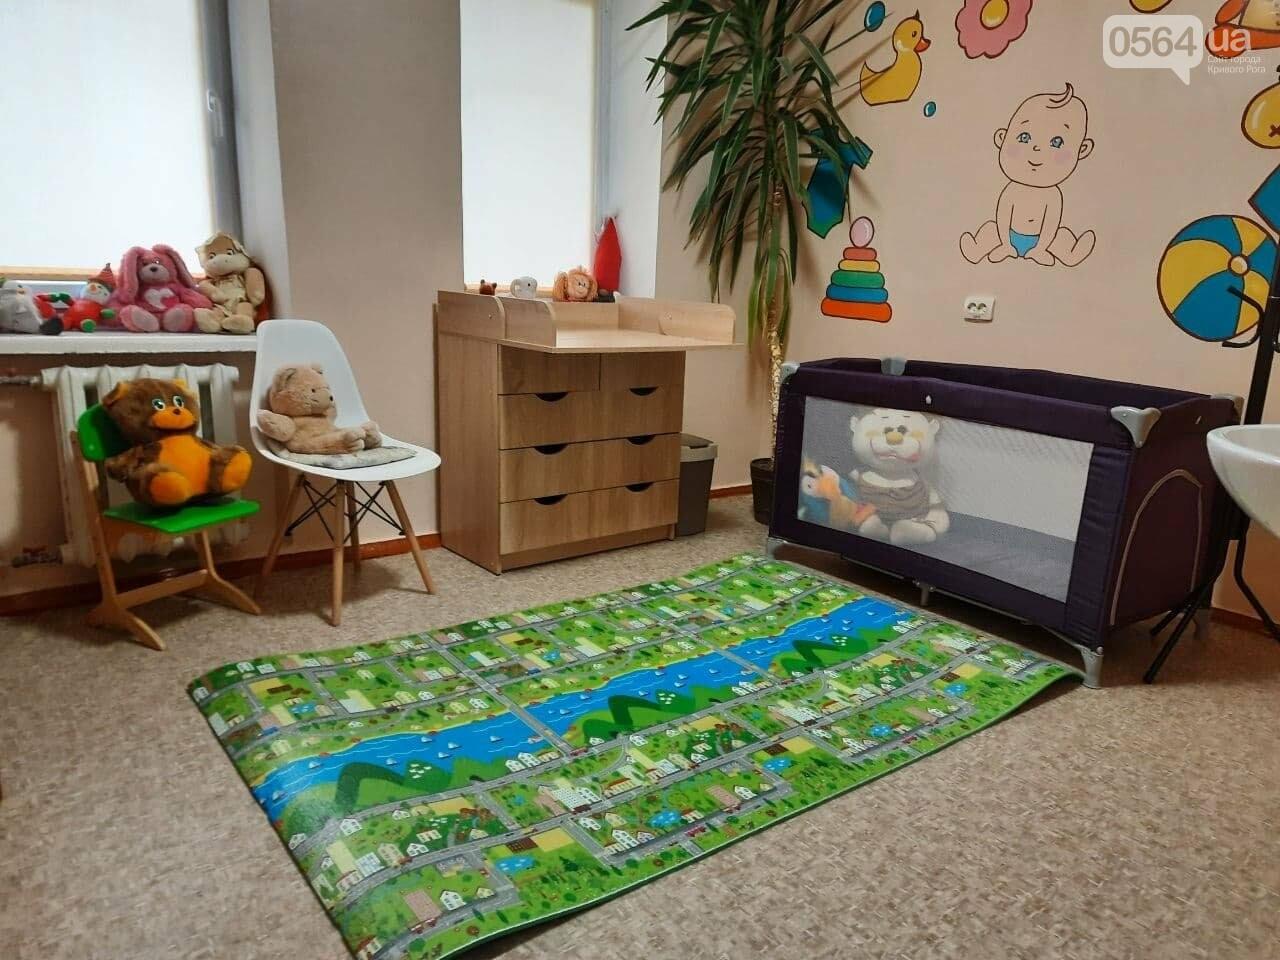 За підтримки компанії Метінвест в університетах Кривого Рогу відкривають кімнати матері та дитини, фото-2